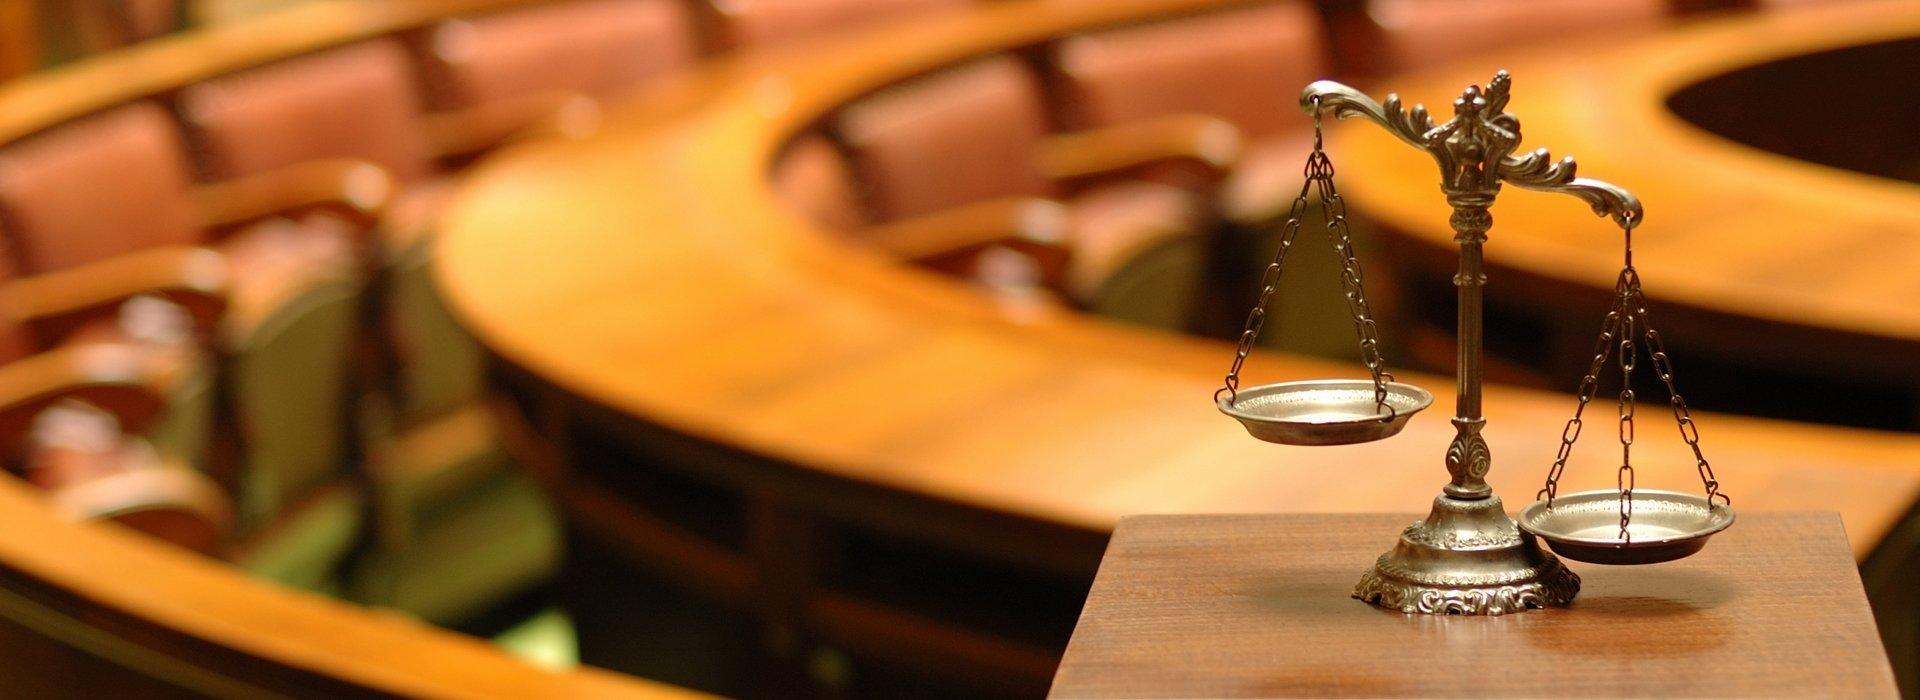 Juristische Dienstleistungen in Budapest - Juristische Dienstleistungen